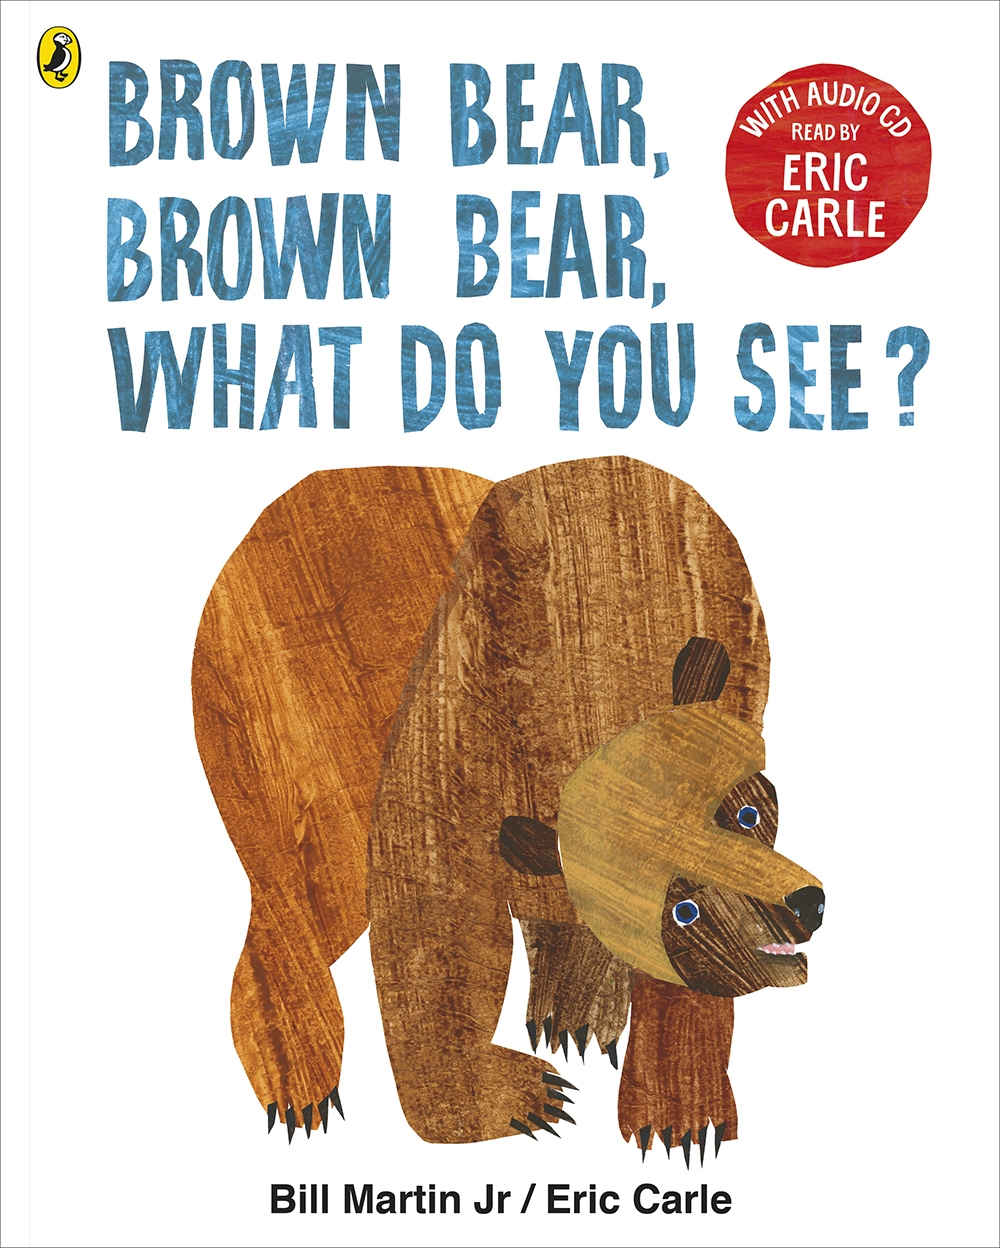 erick carle książka dla dzieci po angielsku